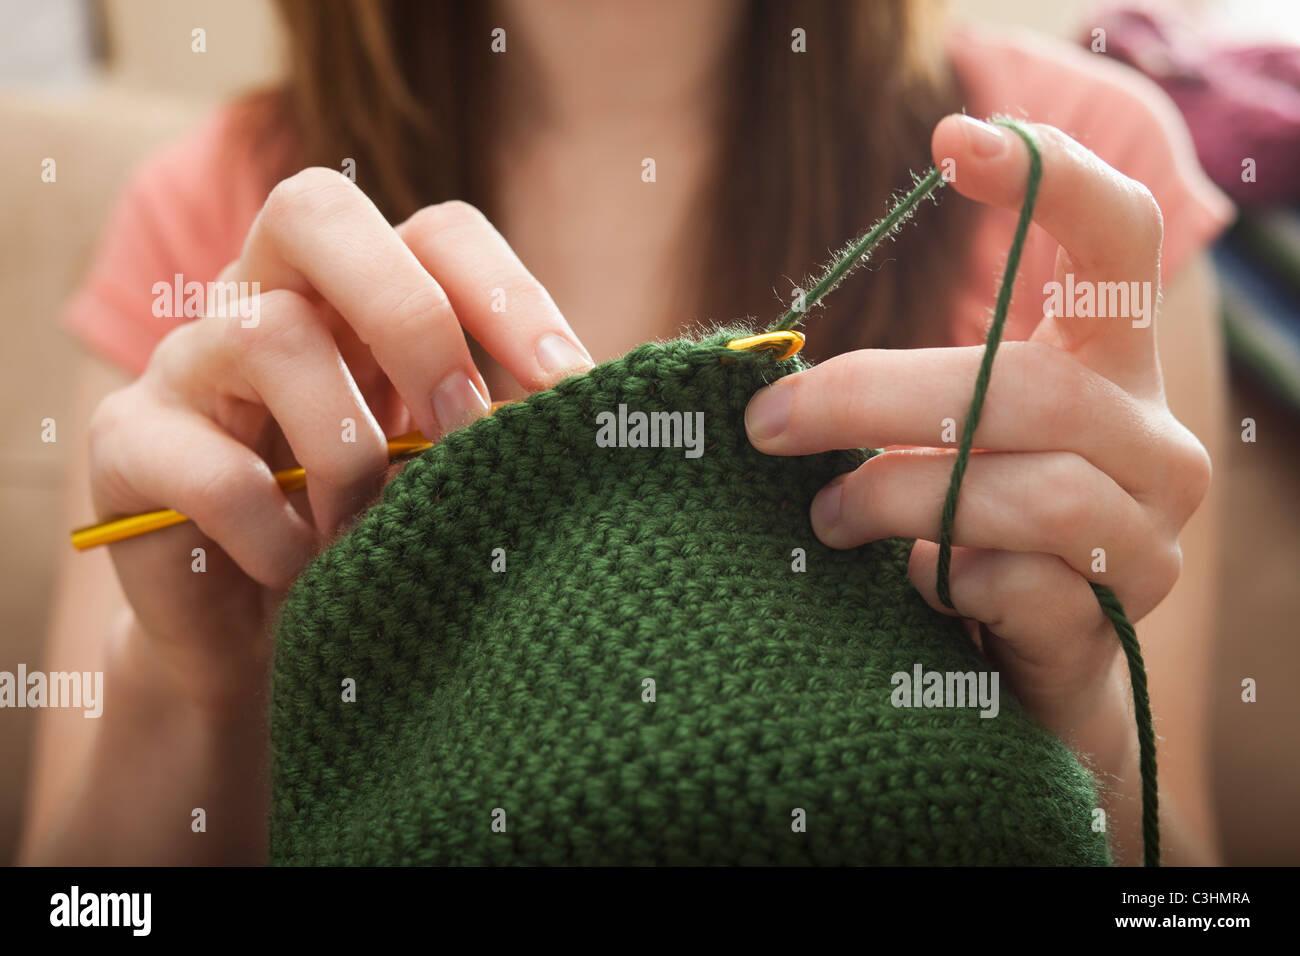 Giovane donna maglia cappellino Immagini Stock